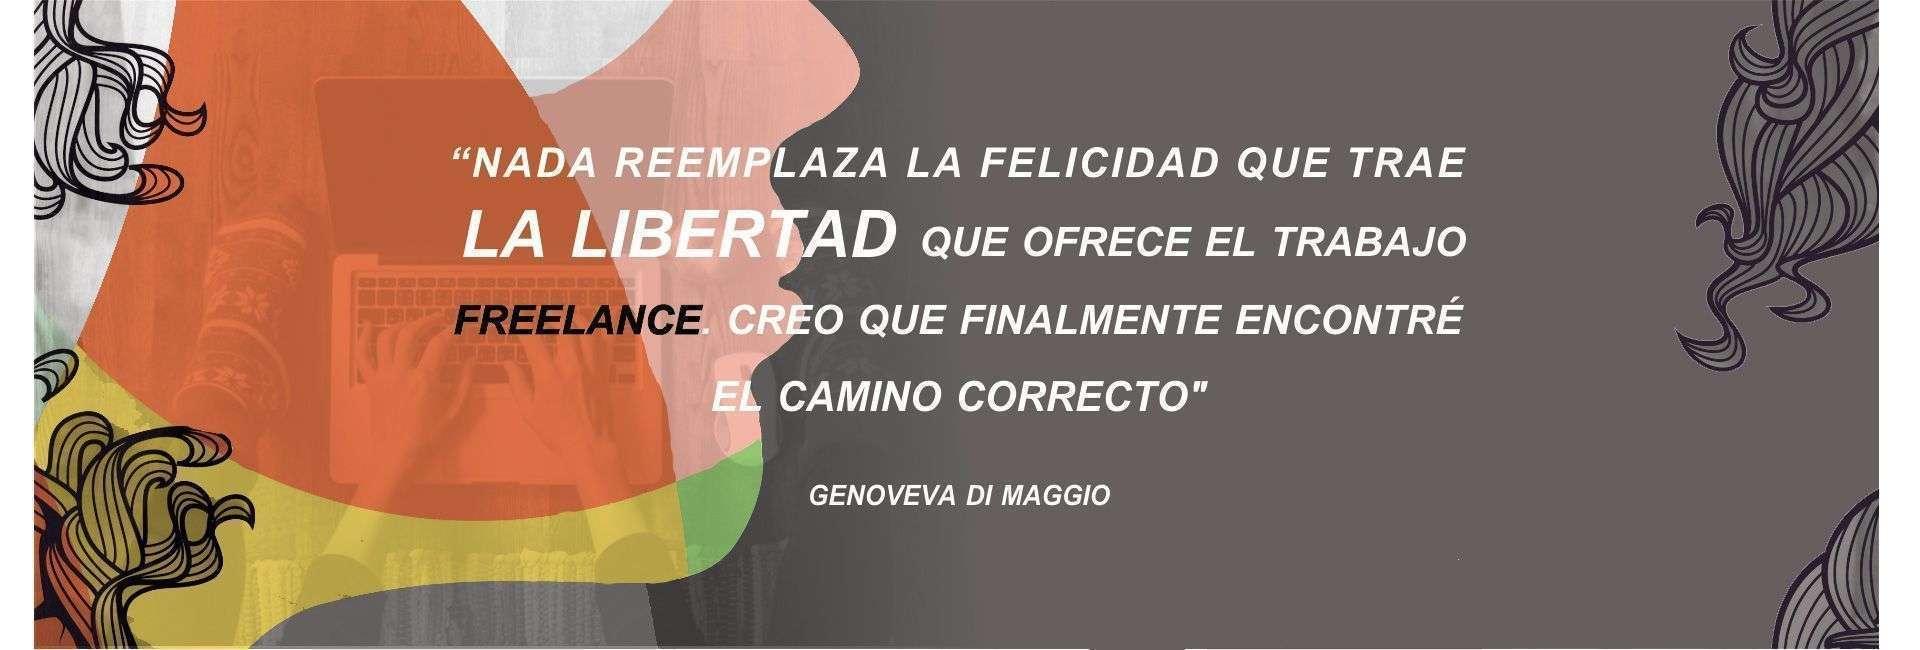 Genoveva Di Maggio: Nada reemplaza la felicidad que trae la libertad del trabajo freelance